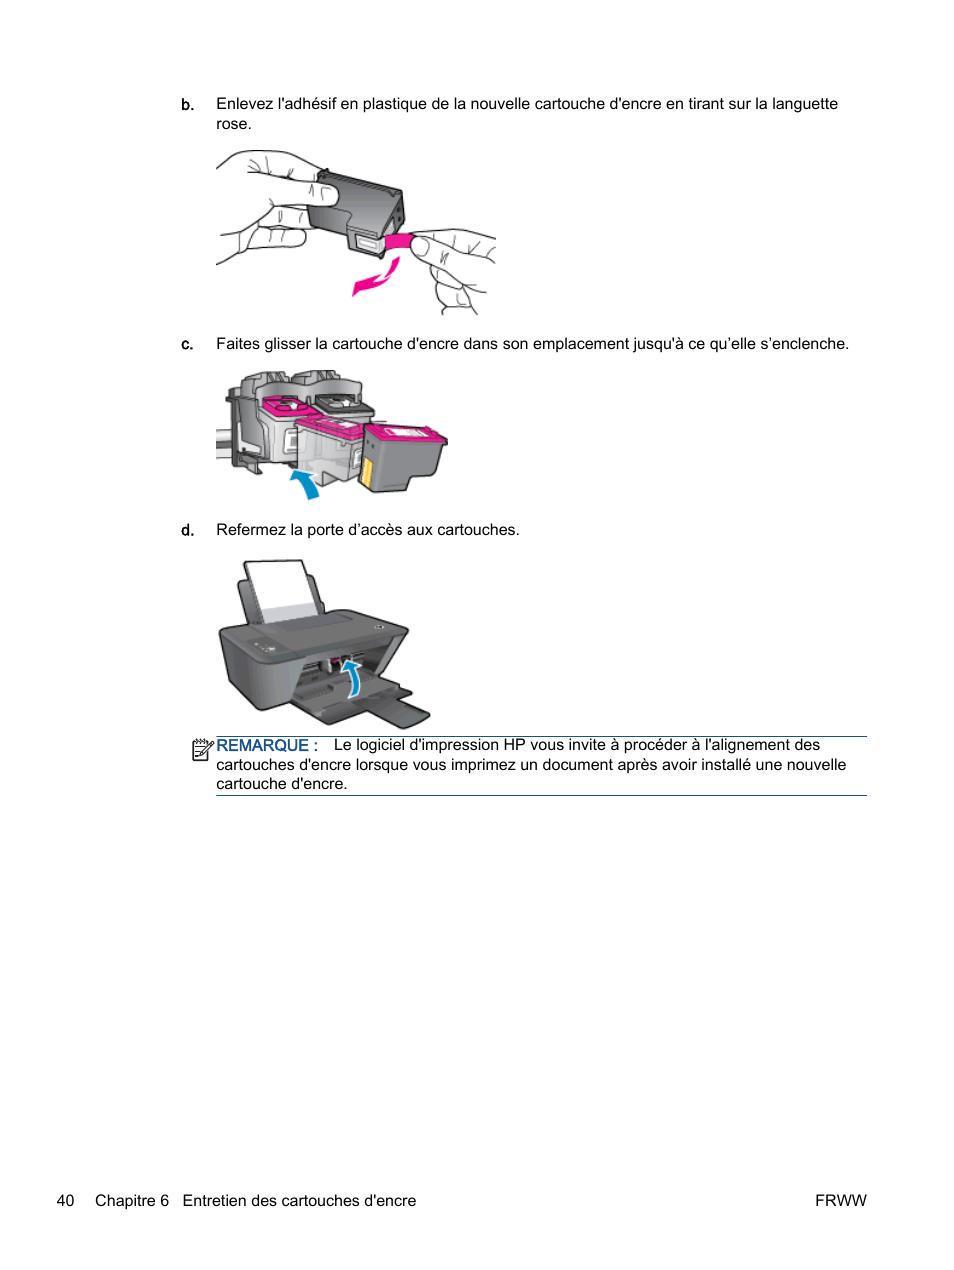 HP Imprimante Tout-en-Un HP Deskjet 1510 Manuel d